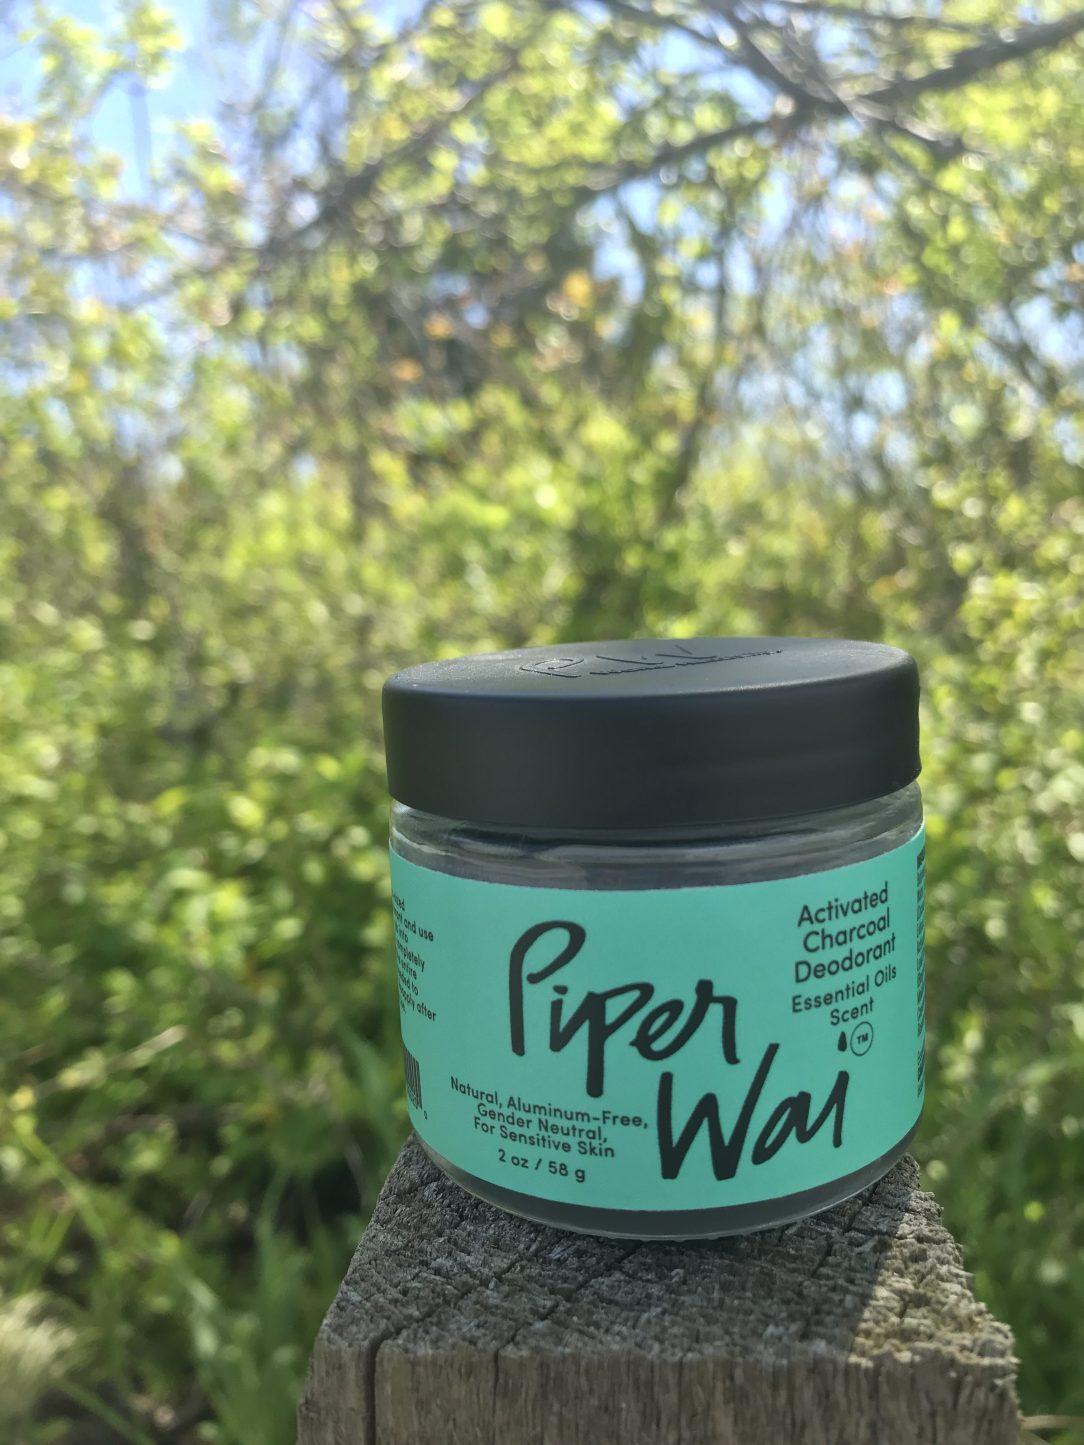 Piper Wei deodorant jar sustainable packaging